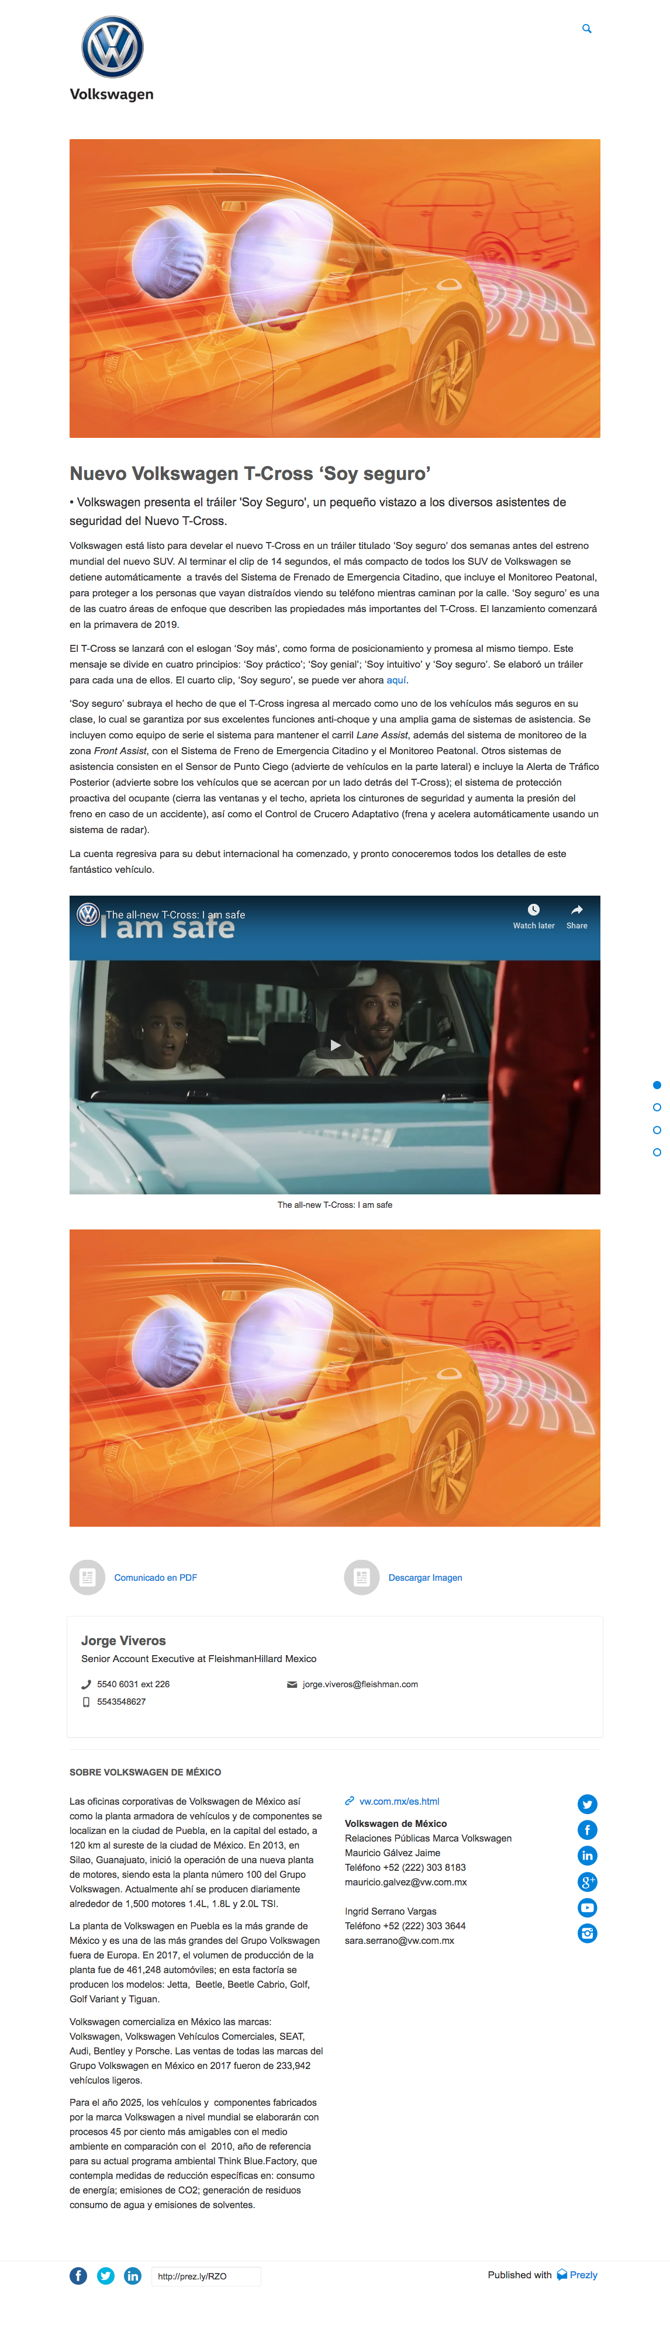 Nuevo Volkswagen T-Cross 'Soy seguro'